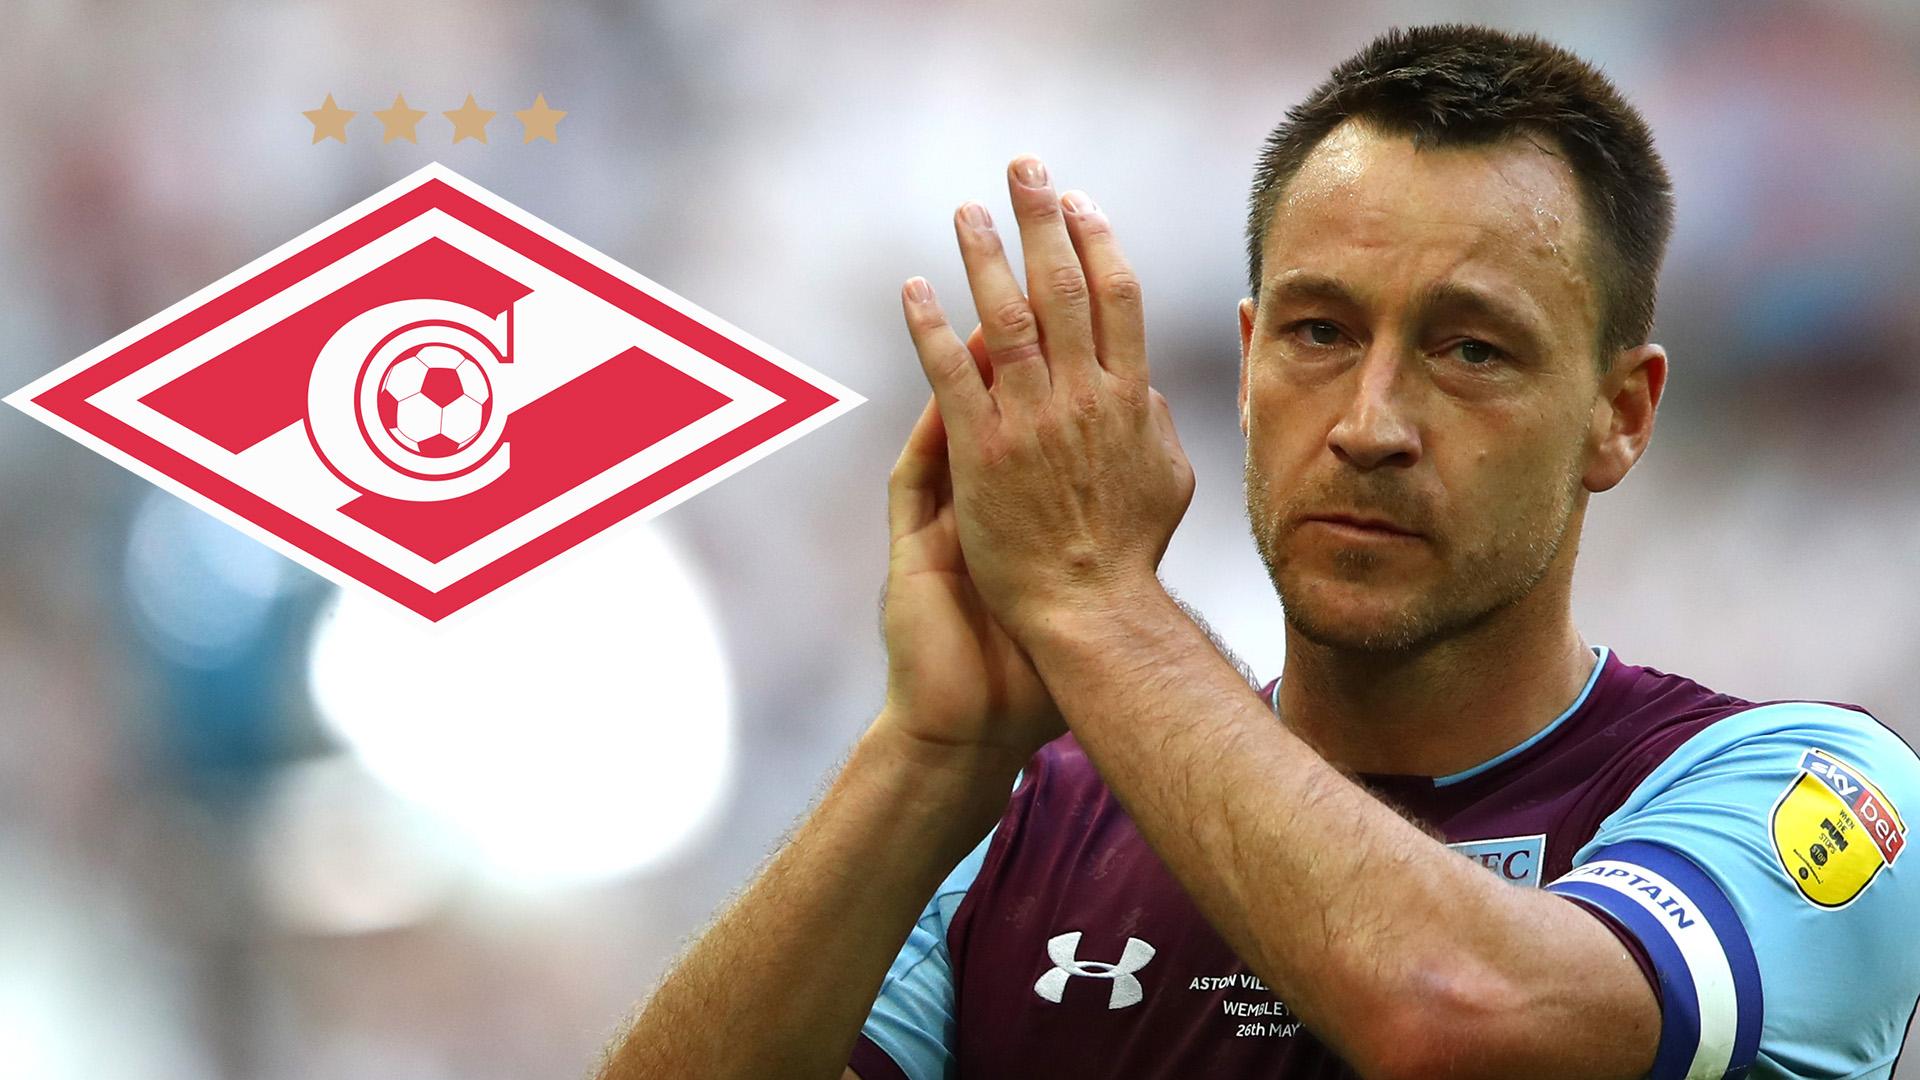 Terry lật kèo, chính thức khước từ Spartak Moscow